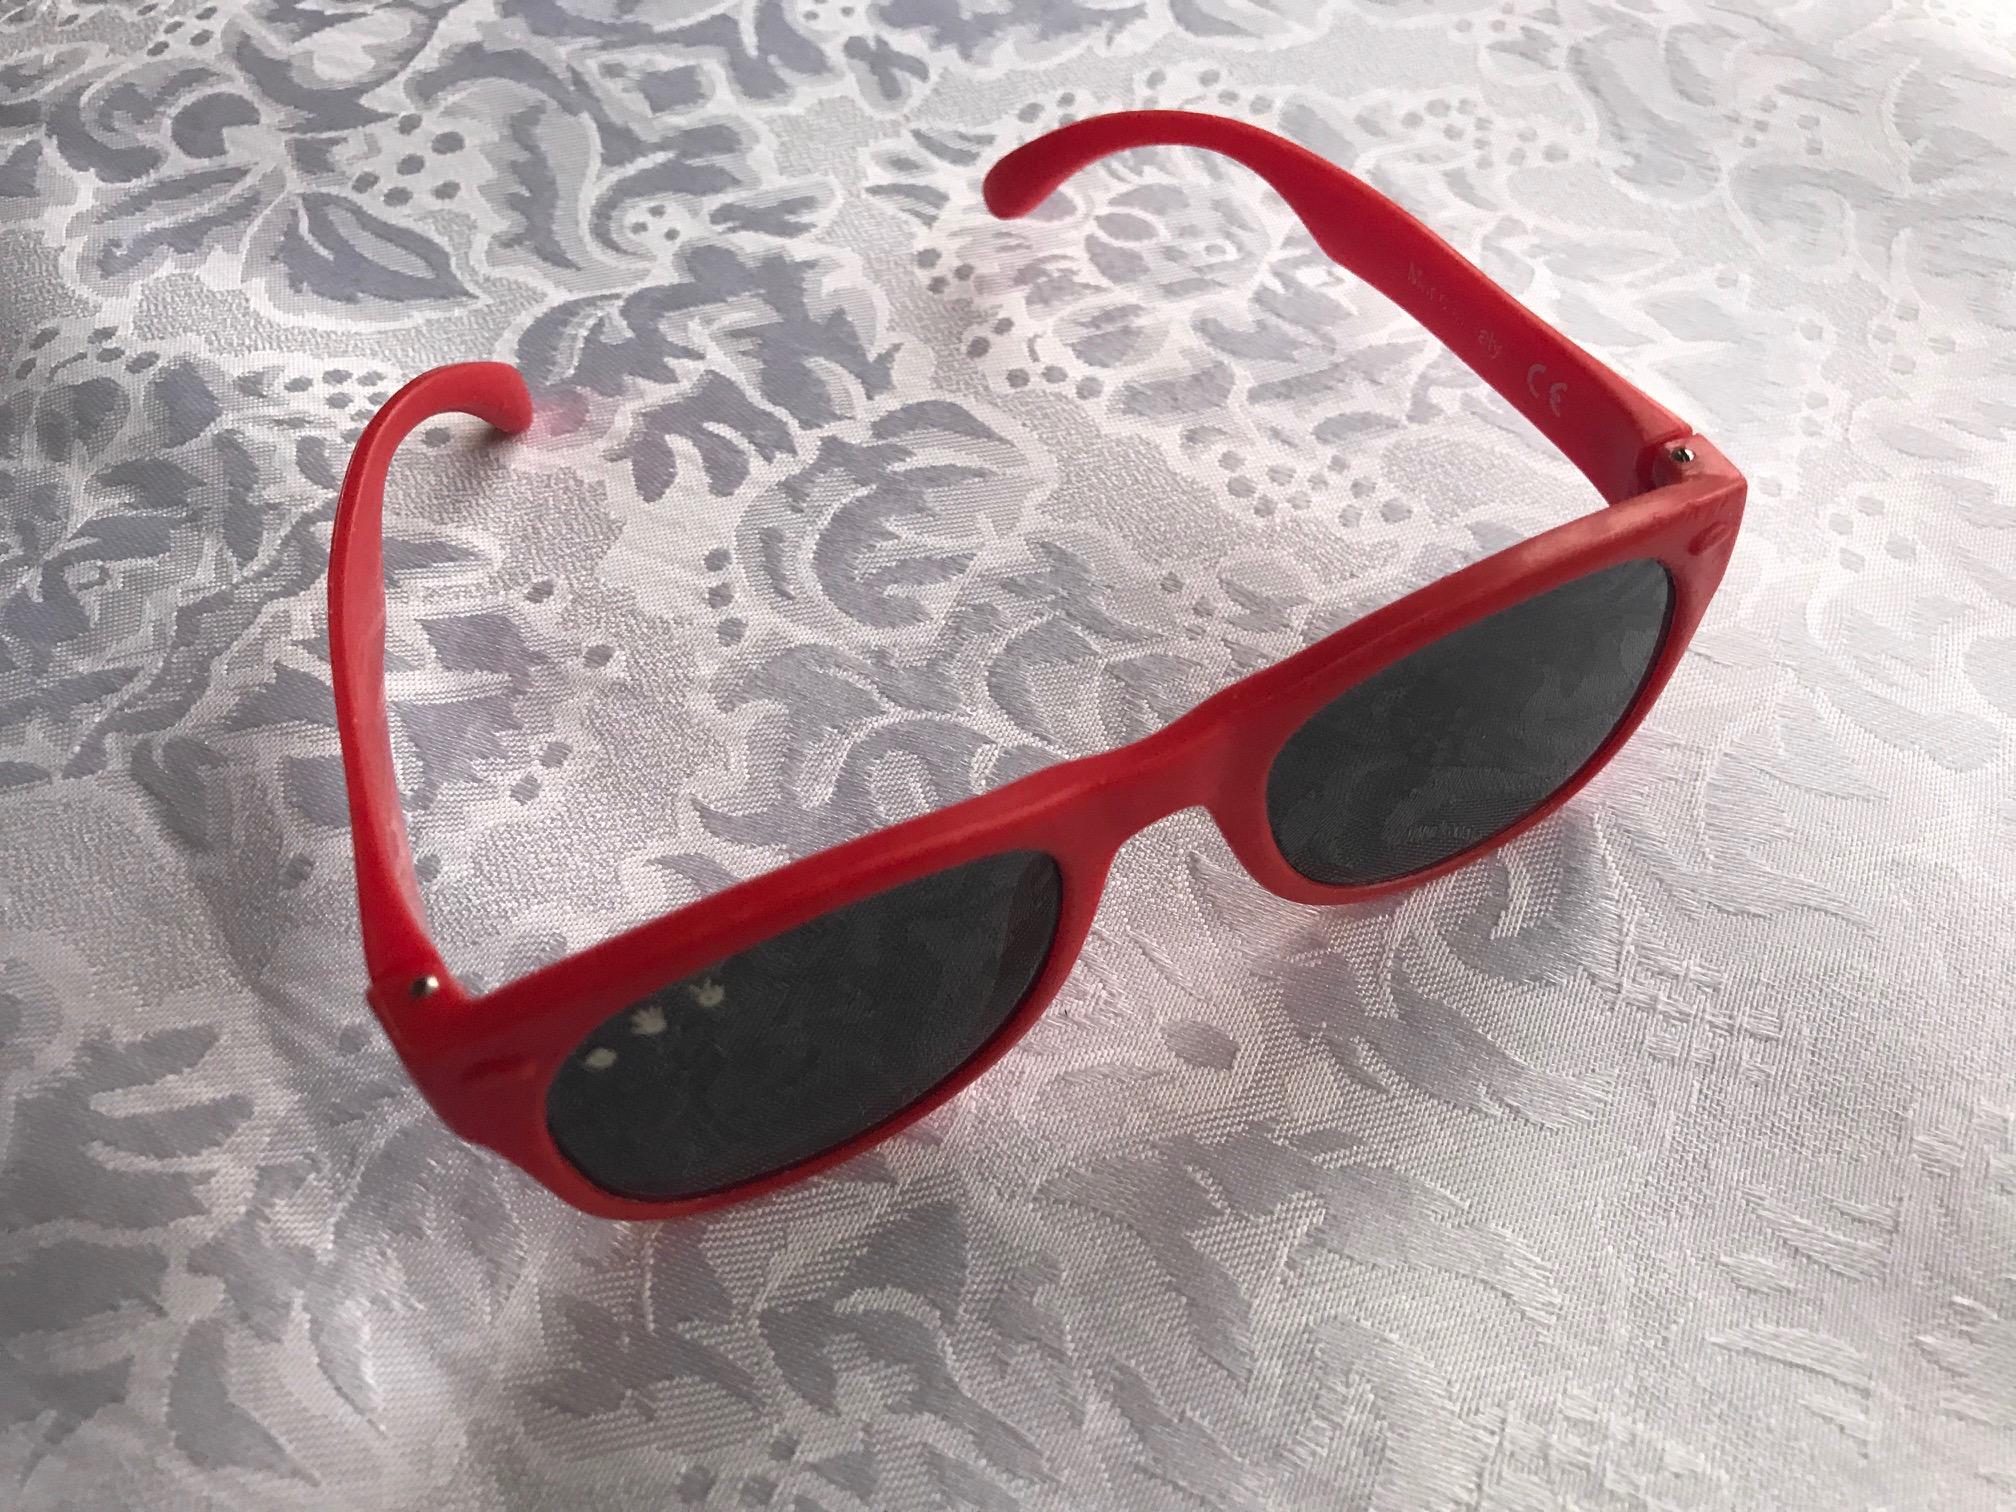 McFly Red Roshambo Baby Junior Shades: 1278 ppm Cadmium